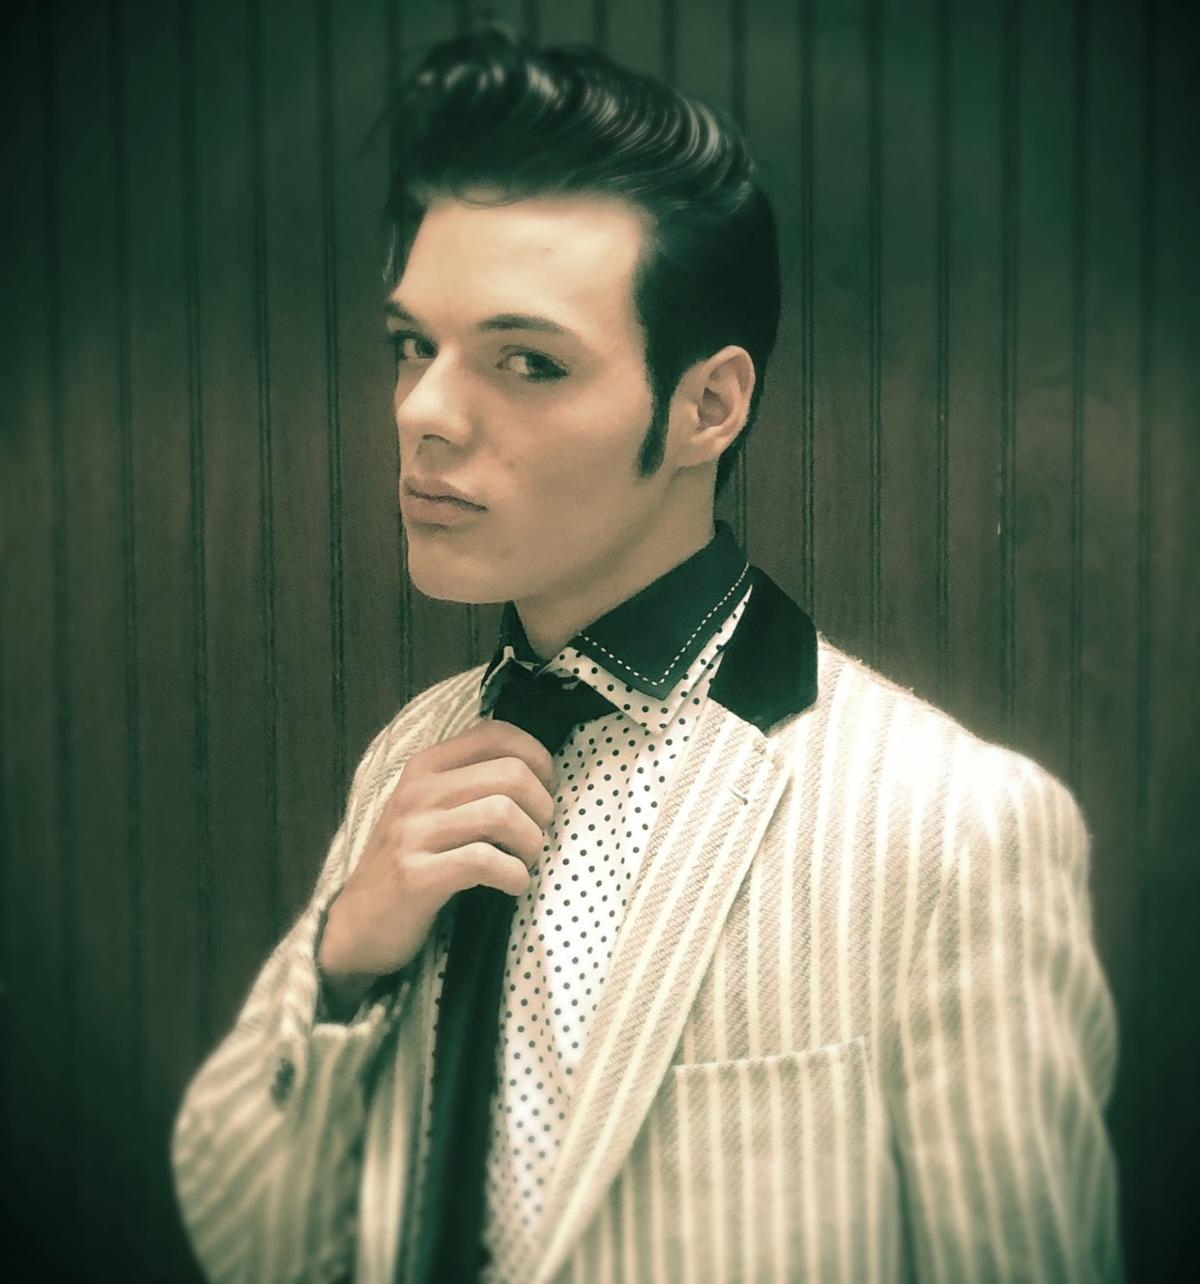 Alex Swindle as Elvis1